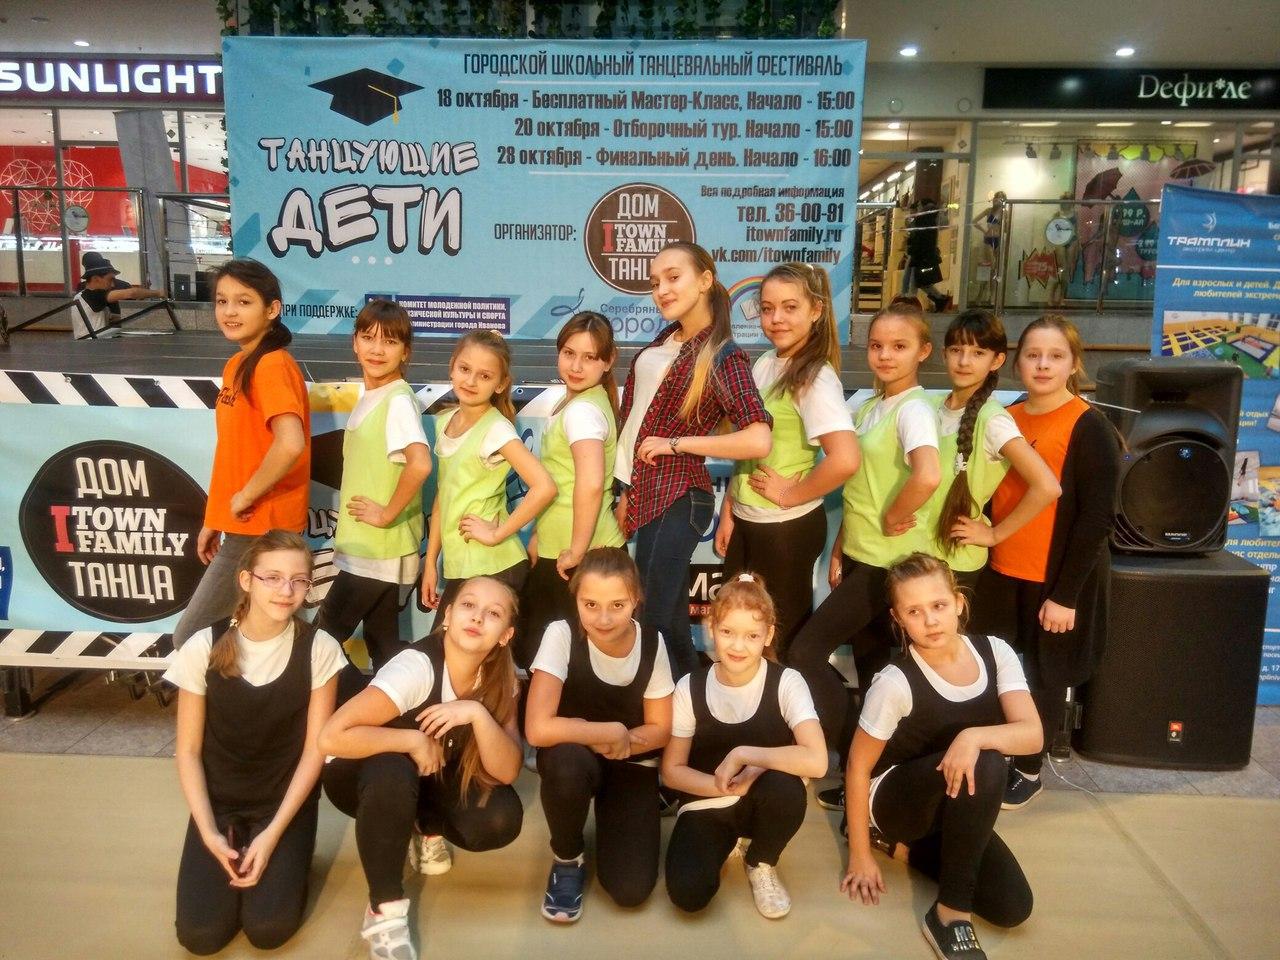 Статья о танцевальных конкурсах